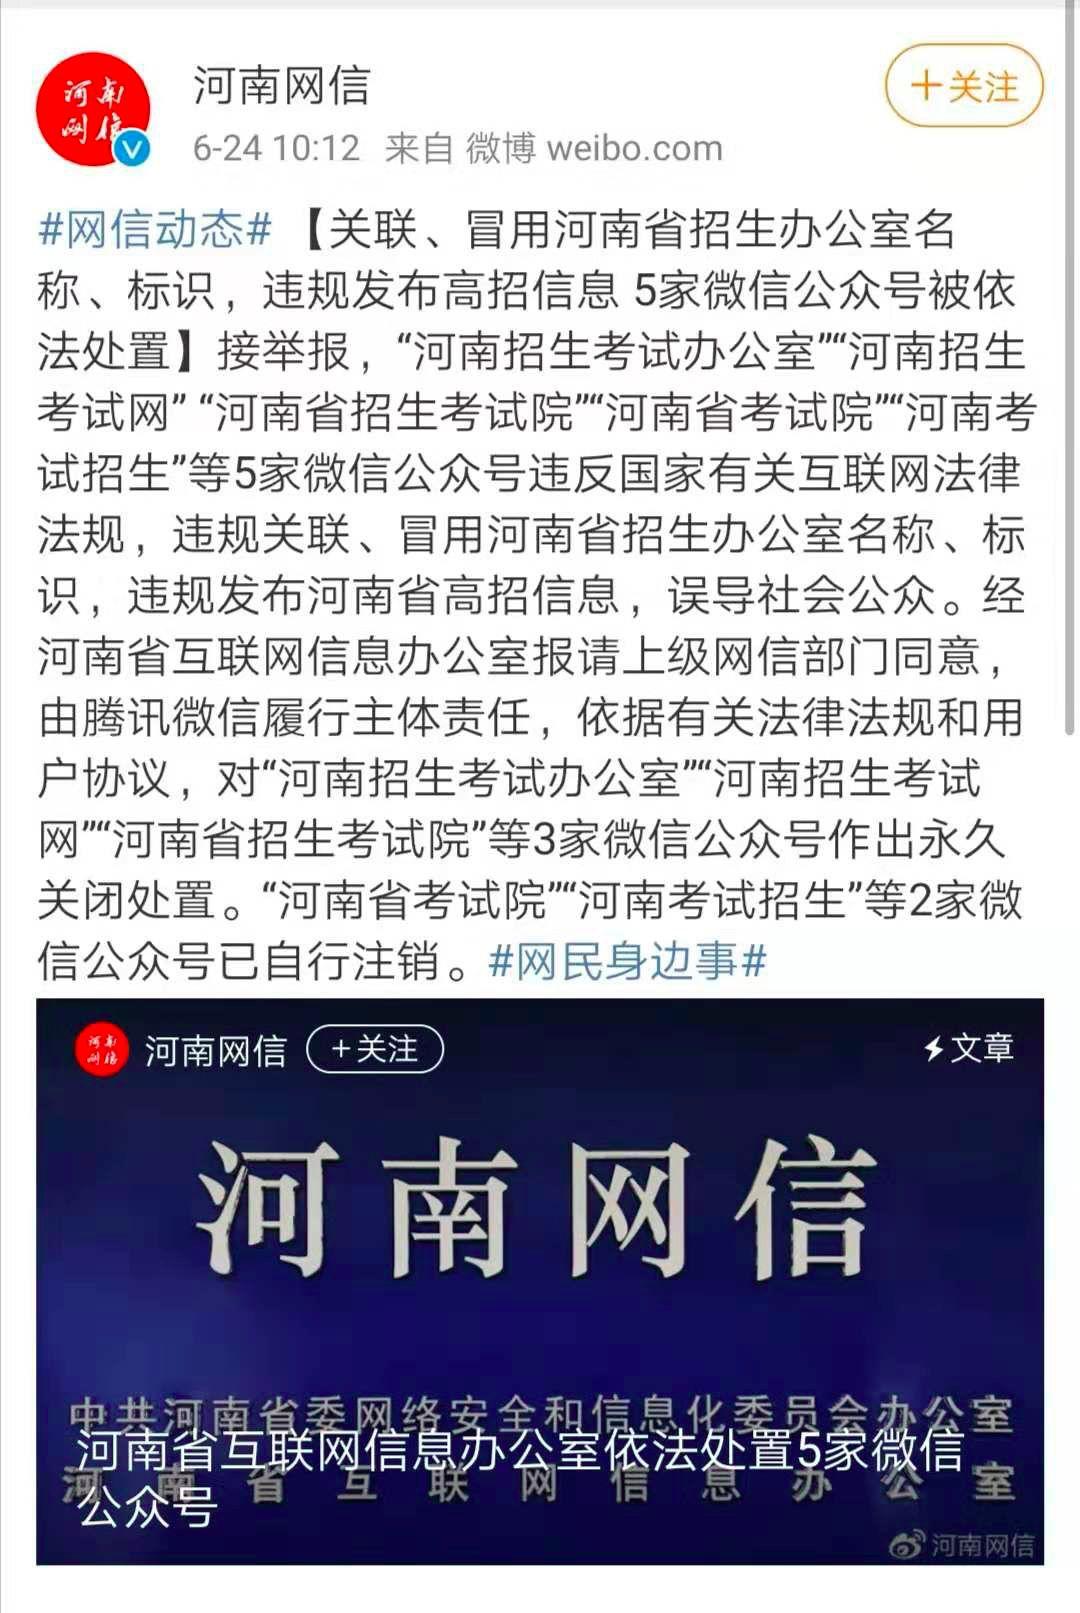 """官方打假!""""河南省招生考试院""""等公众号违法,永久关闭_"""